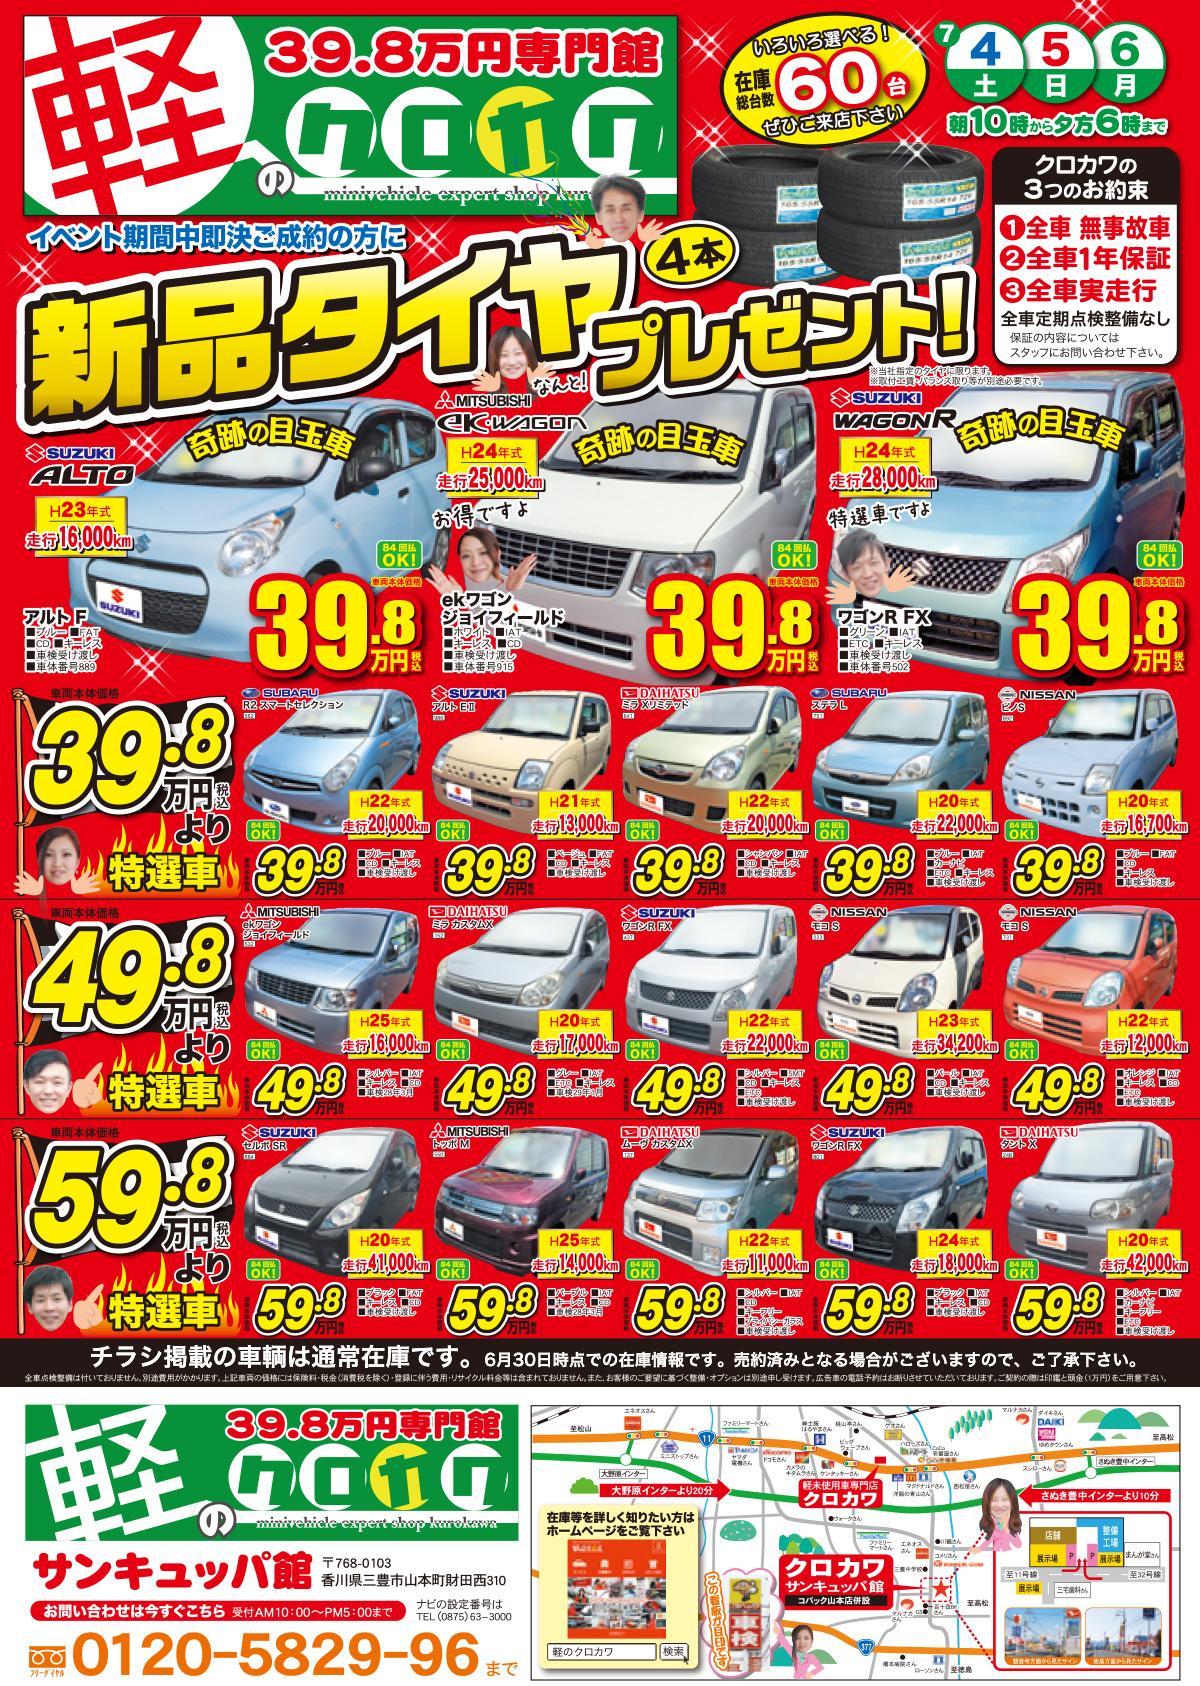 新車・未使用車チラシ!イベント期間中ご成約でカーナビ/新品タイヤプレゼント